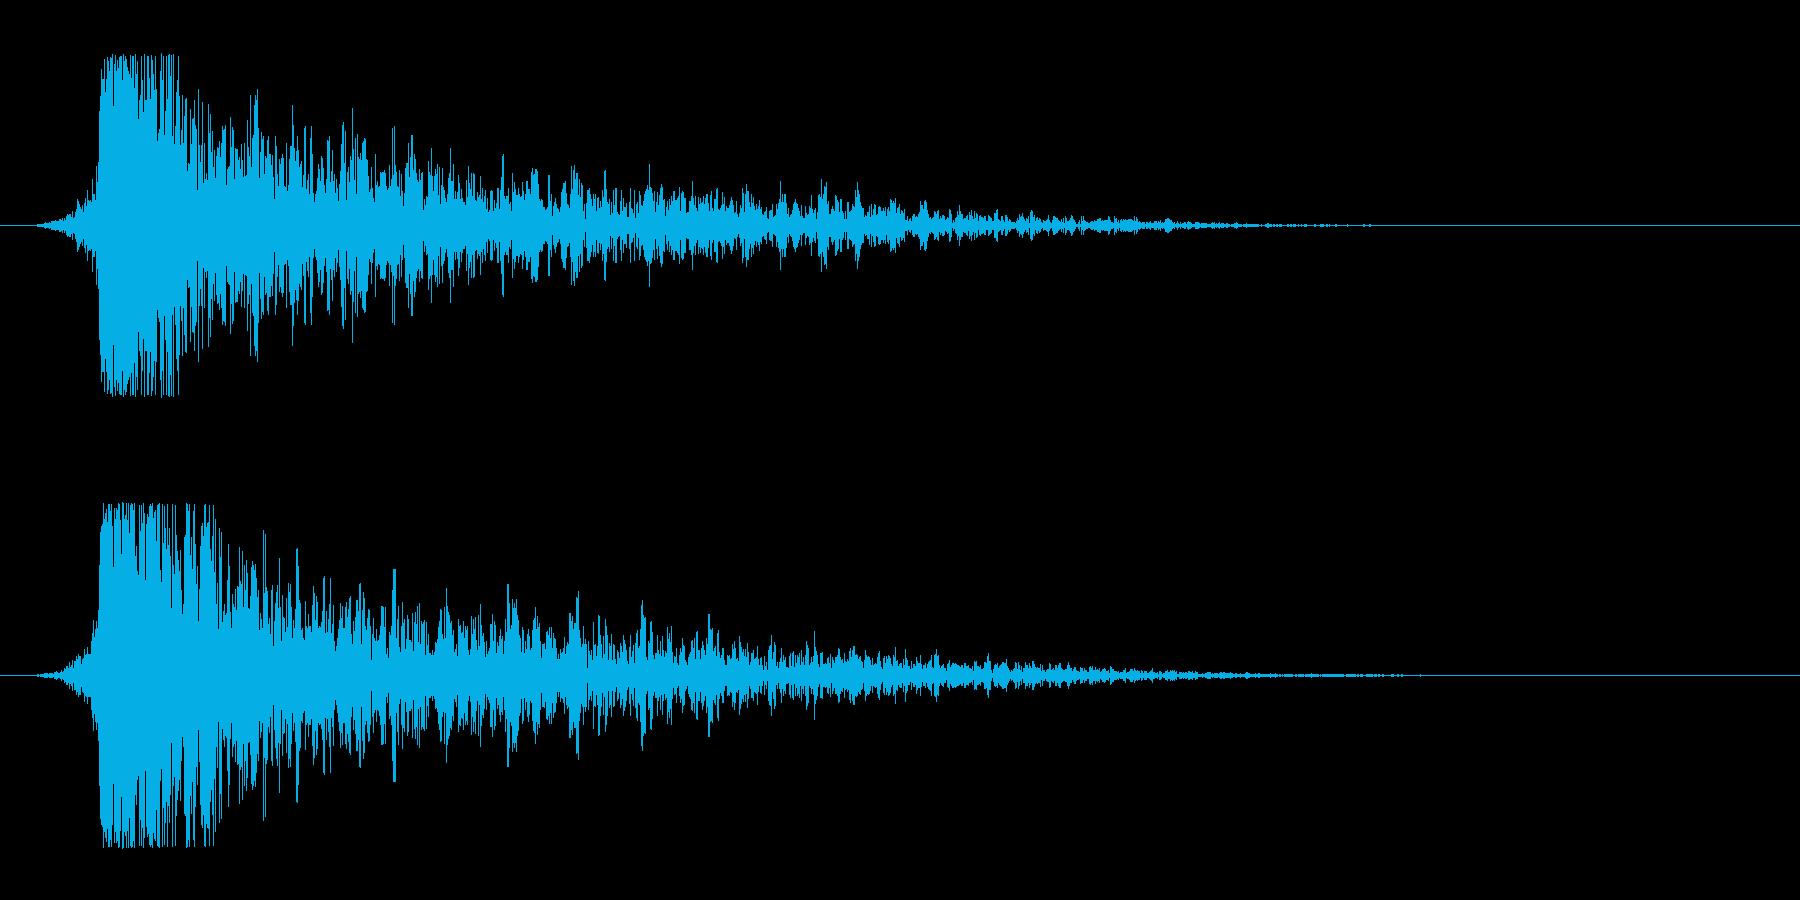 シュードーン-12(インパクト音)の再生済みの波形